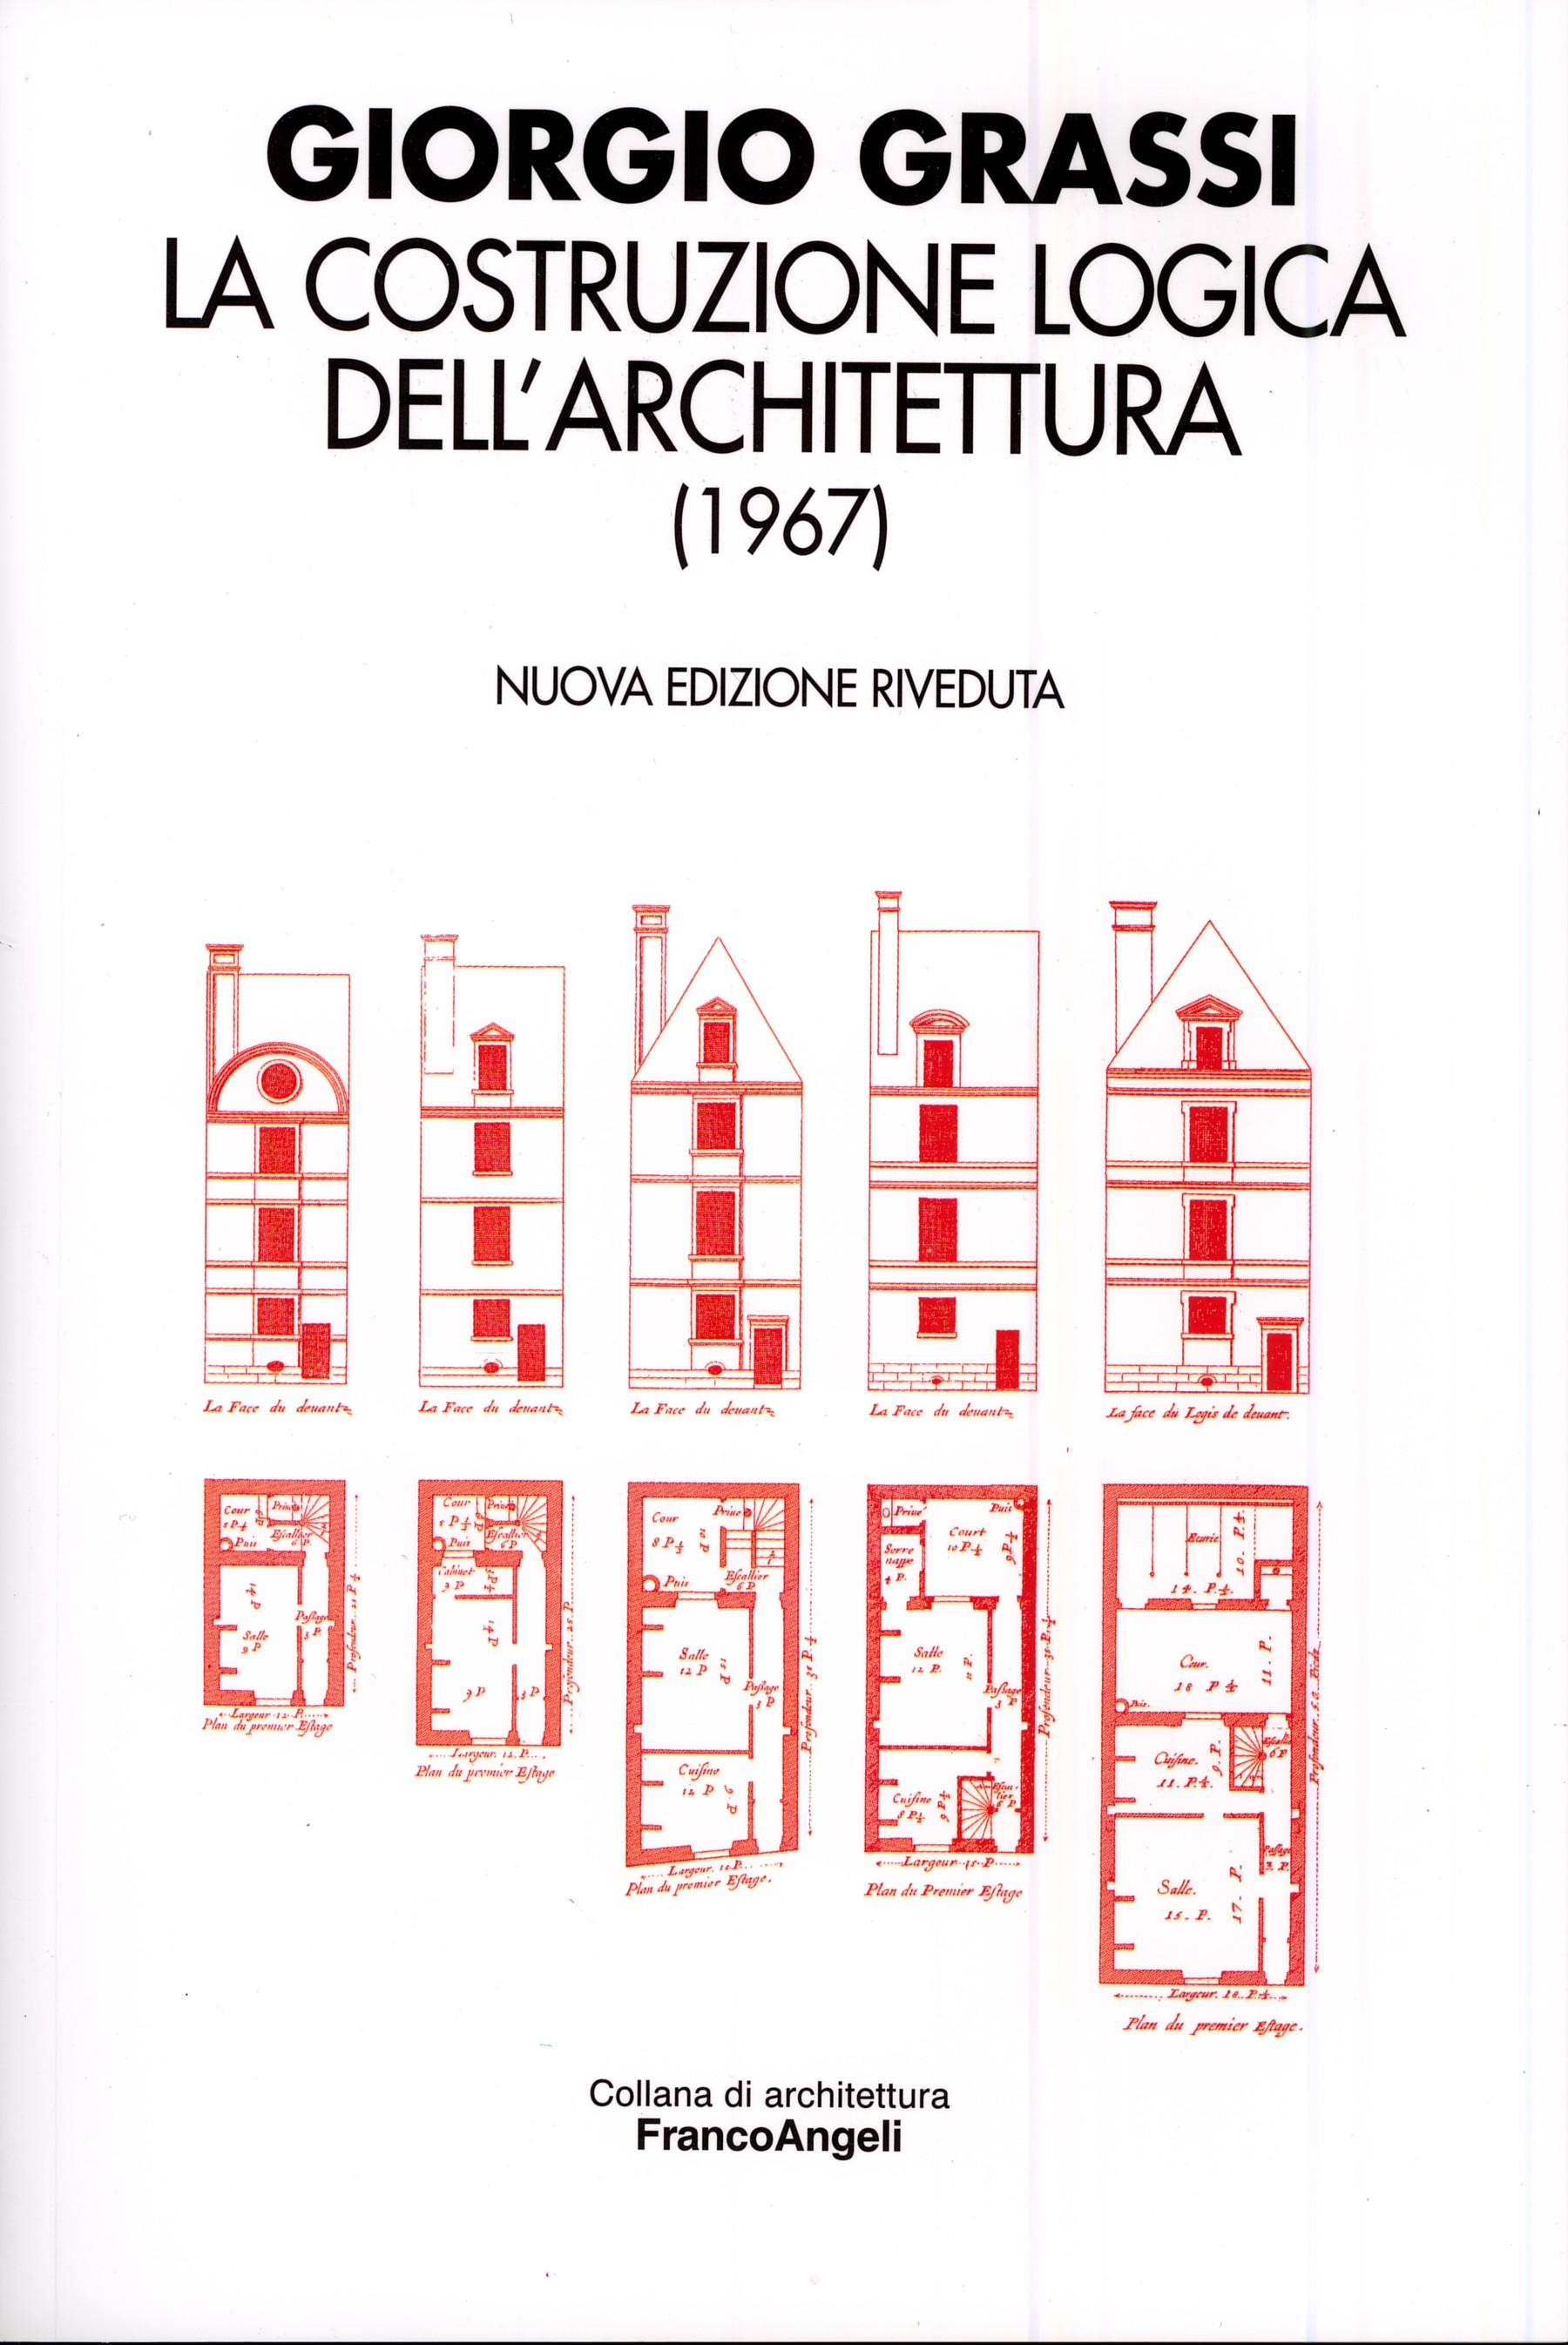 La costruzione logica dell'architettura (1967)